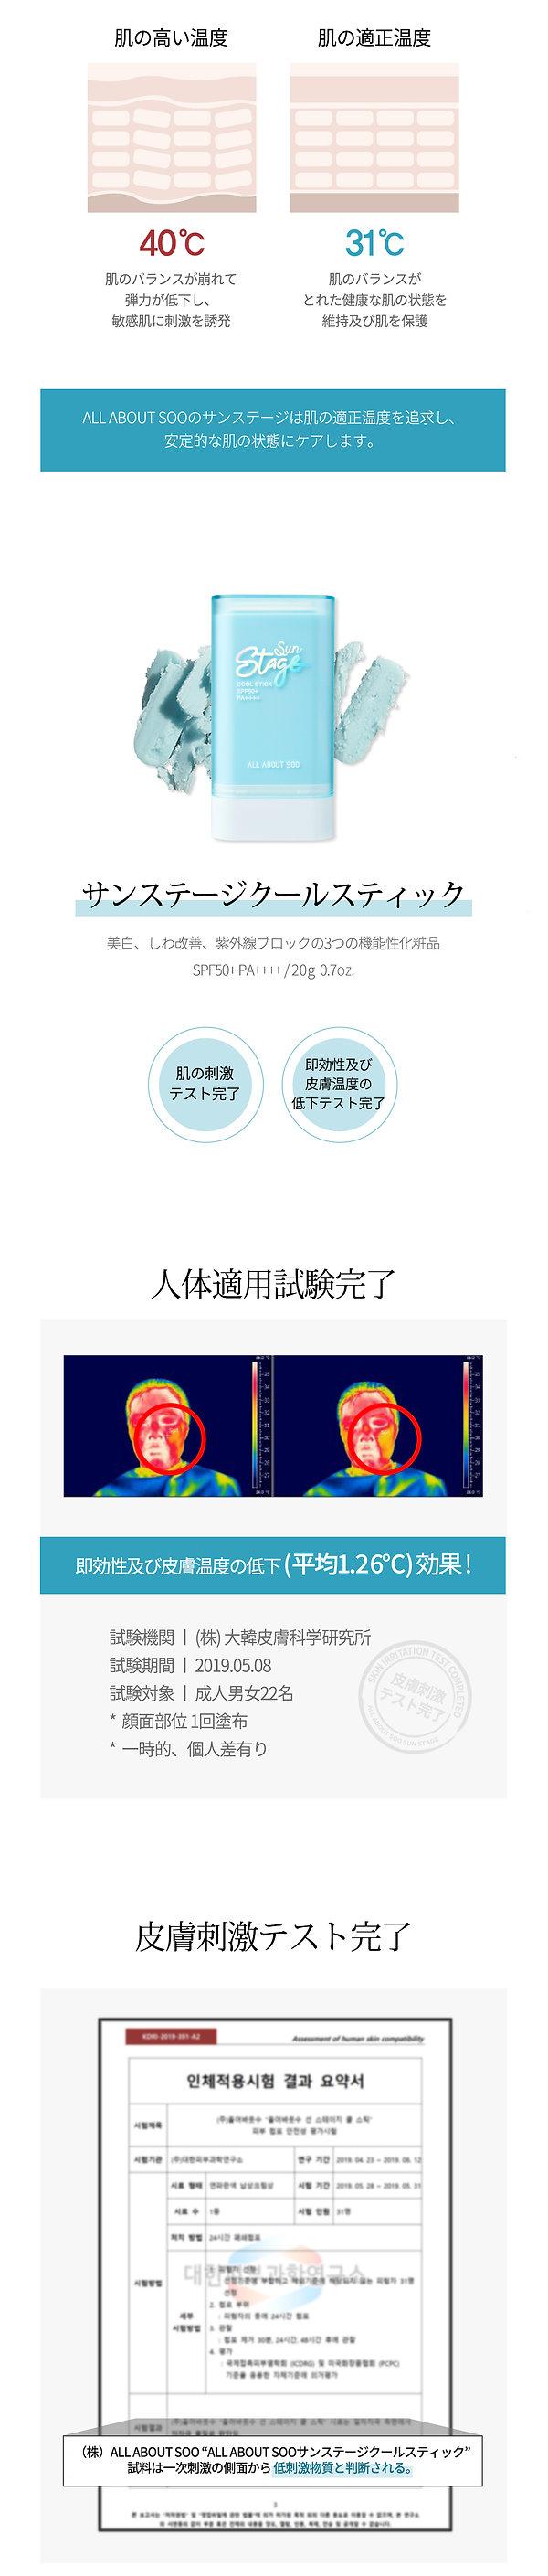 선스틱-상세페이지jp_02.jpg